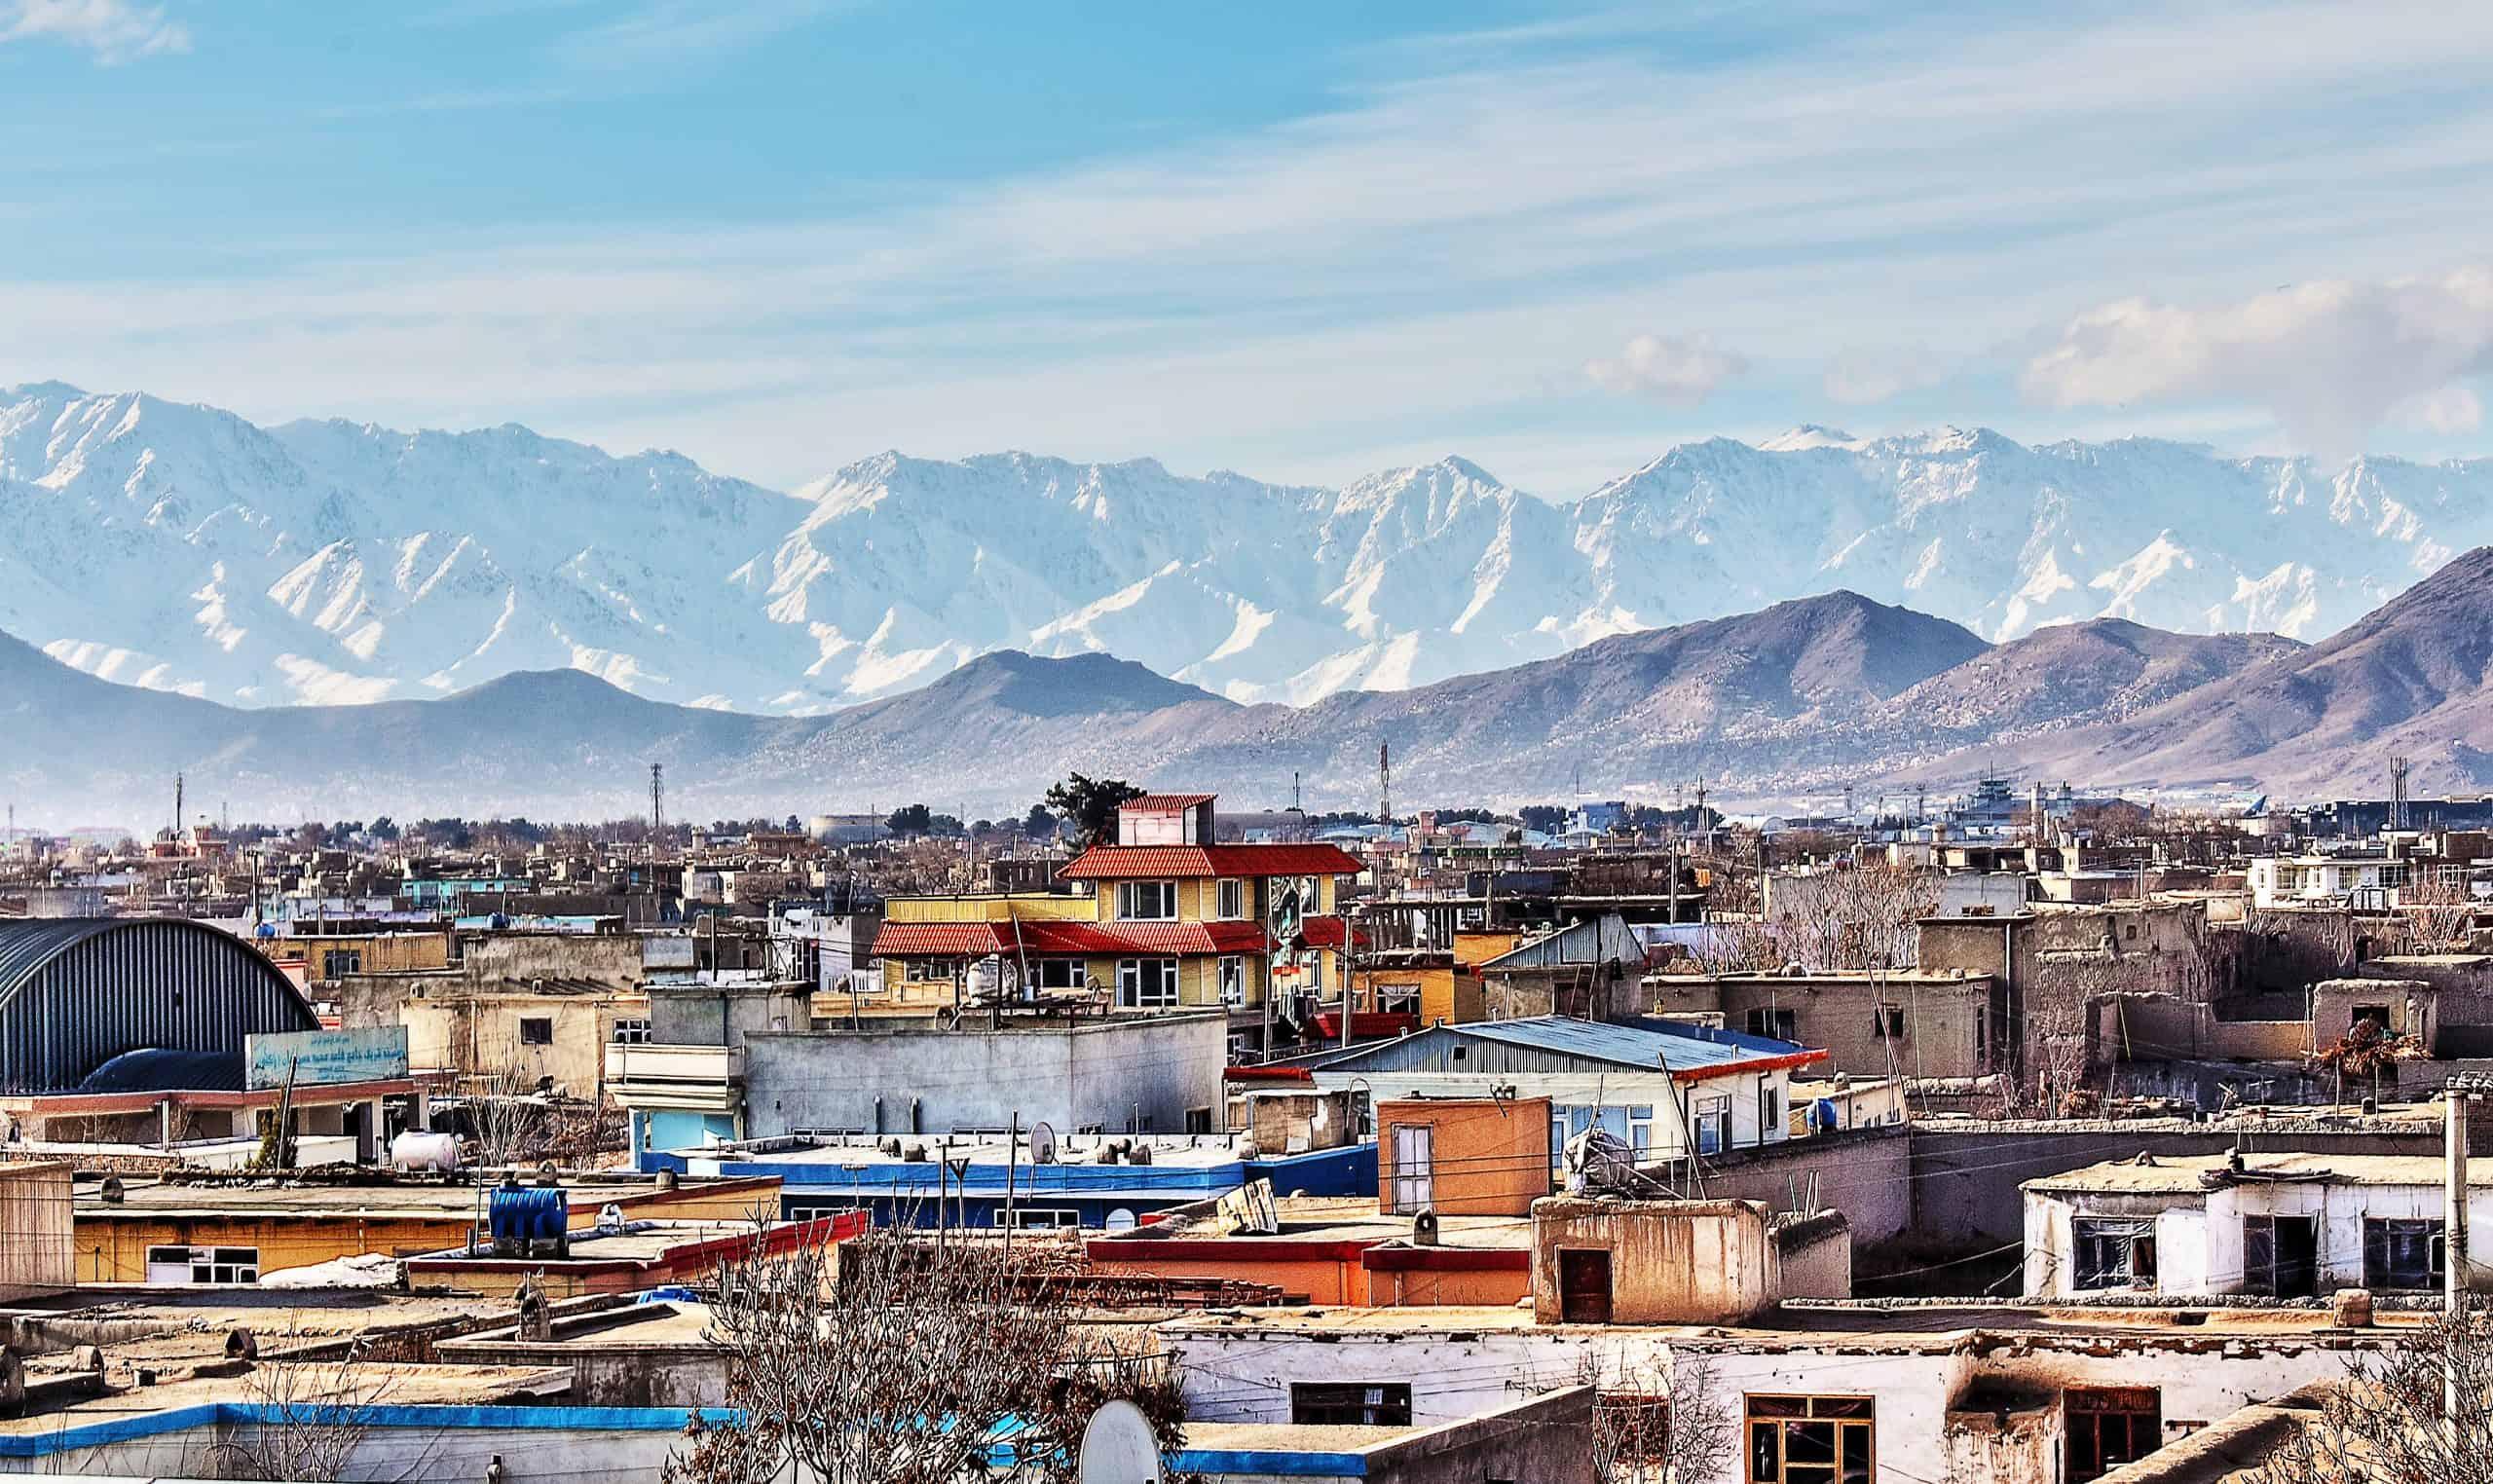 Afghan vilage